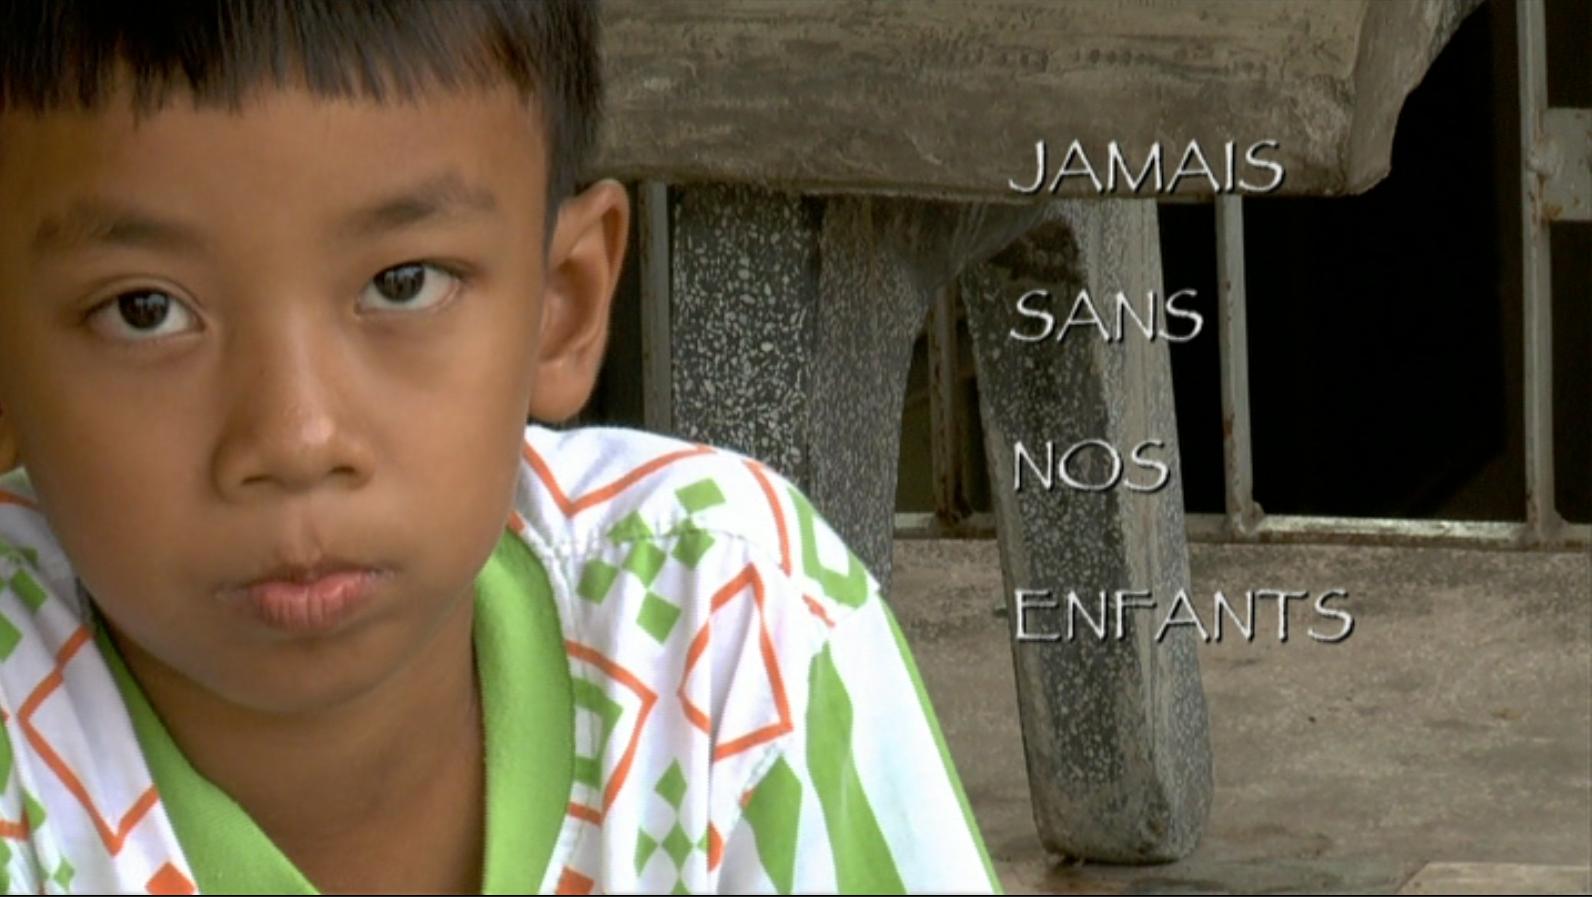 JAMAIS SANS NOS ENFANTS